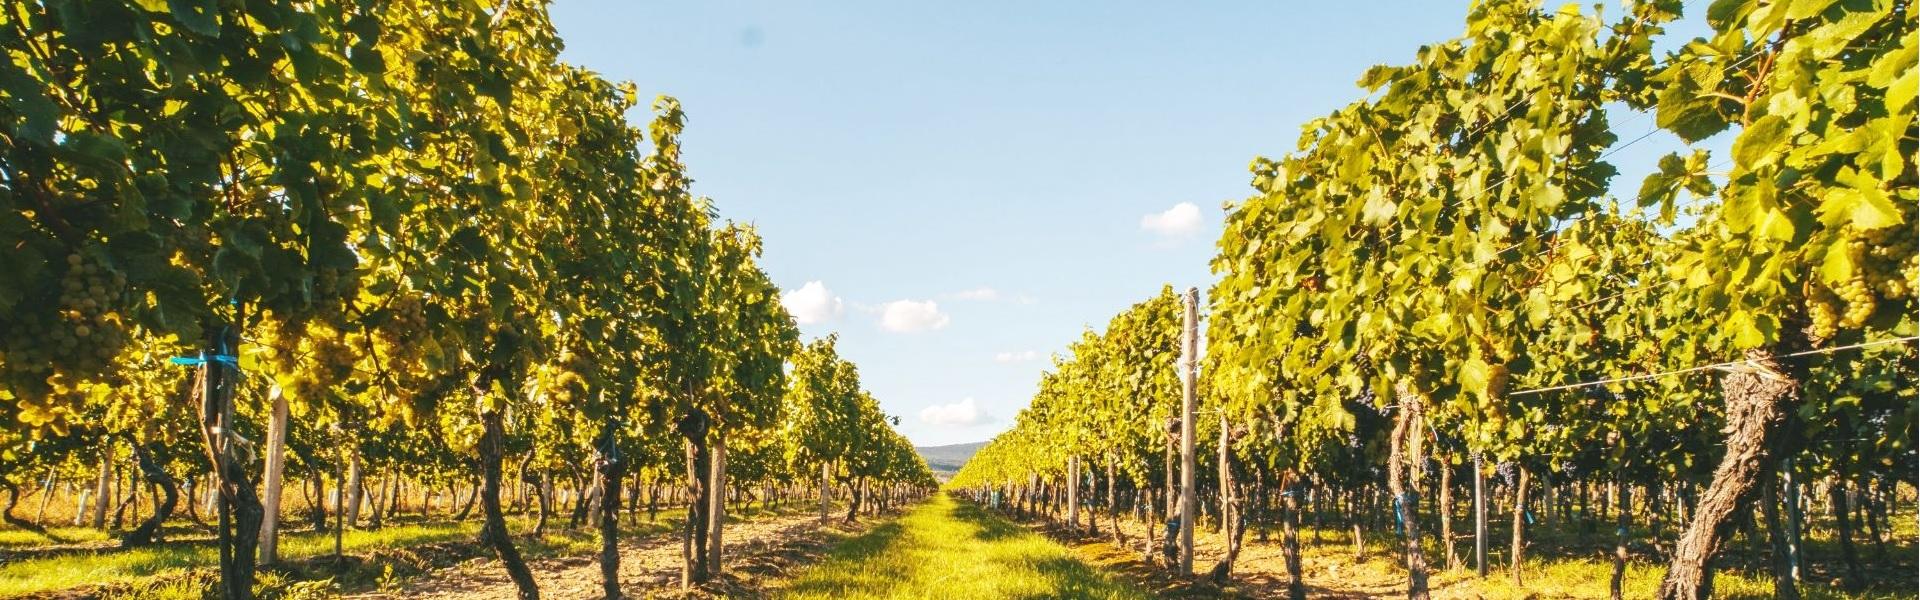 Víno Skovajsa - vinohrady